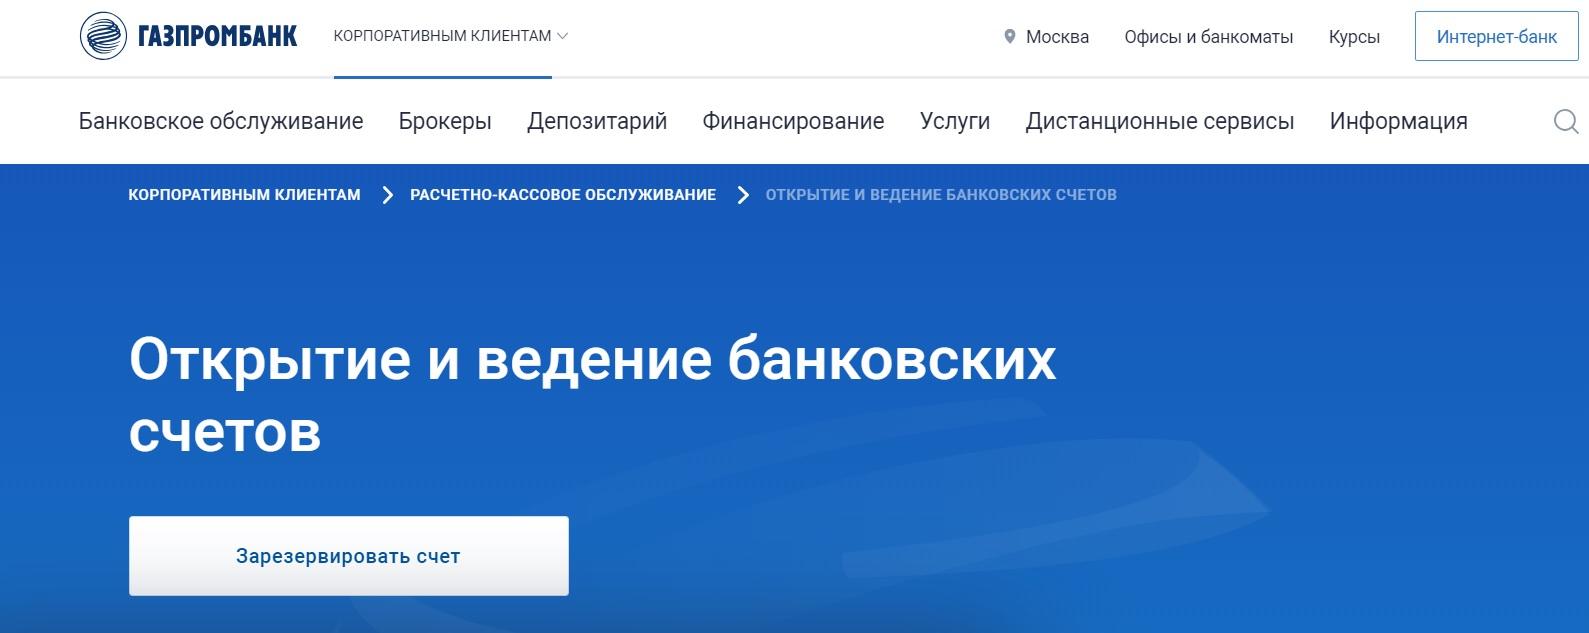 главная страница Газпромбанк